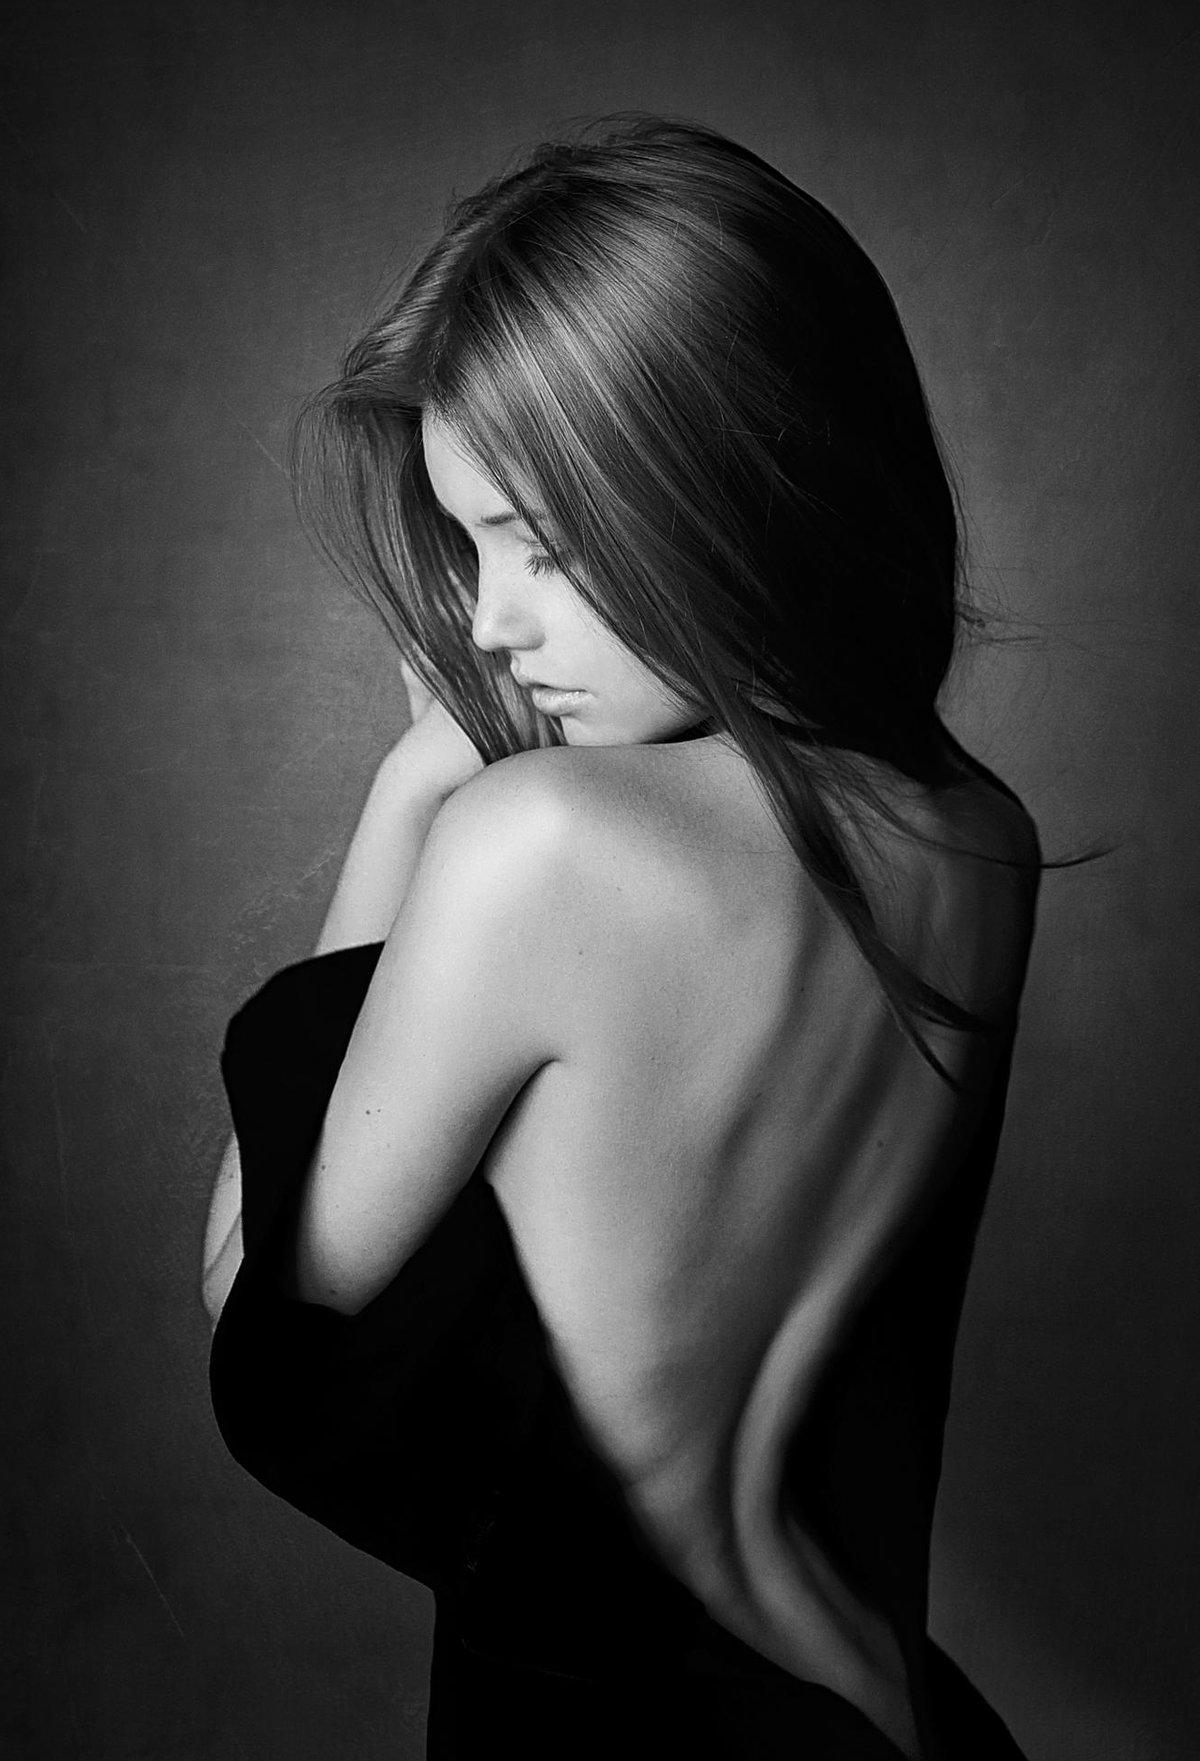 Черно-белые фото девушек в пол оборота — img 2